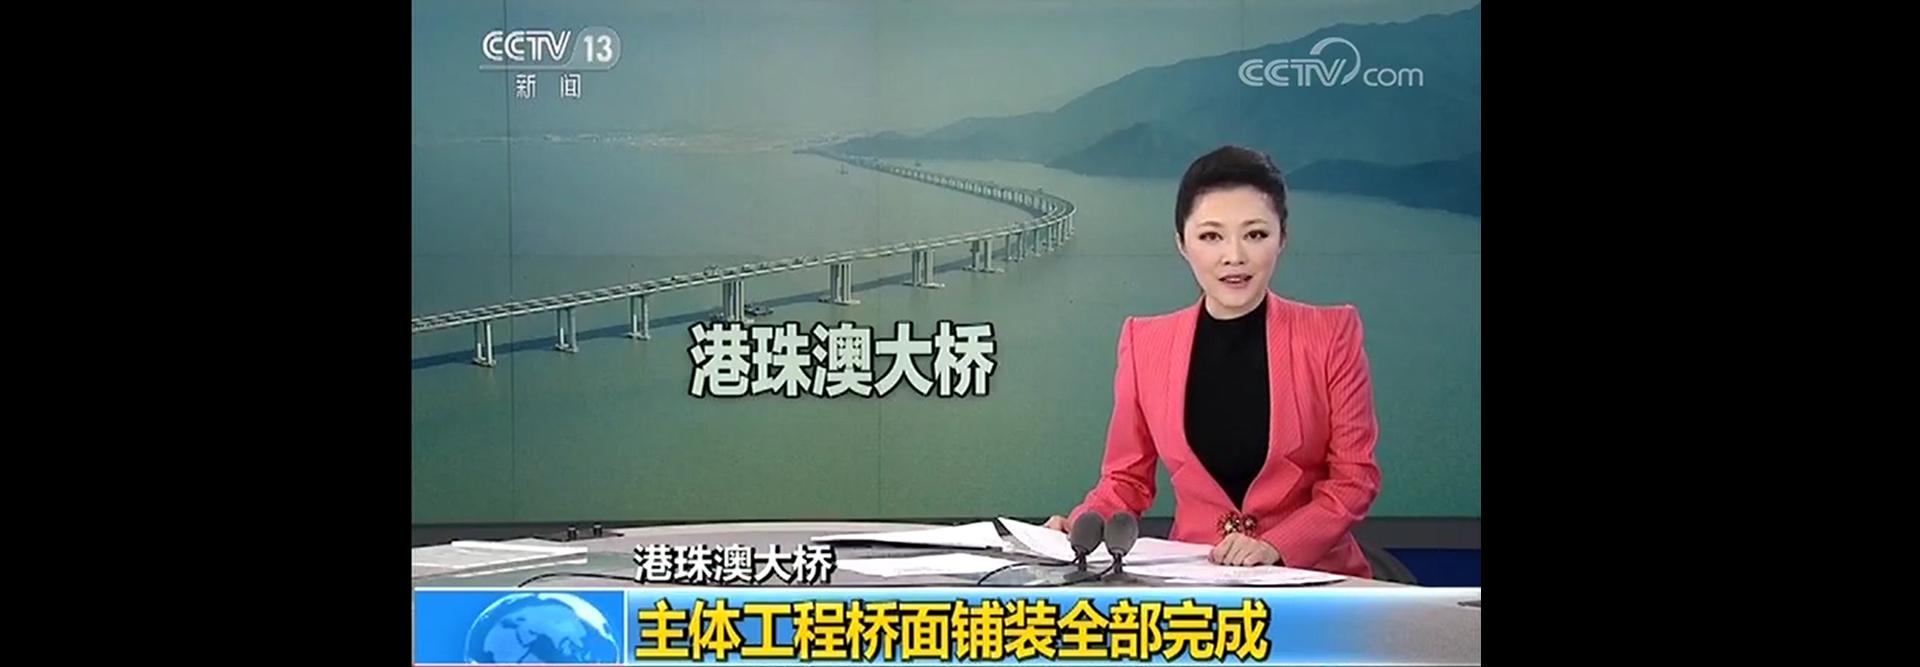 《新闻直播间》港珠澳大桥主体工程桥面铺装全面完成